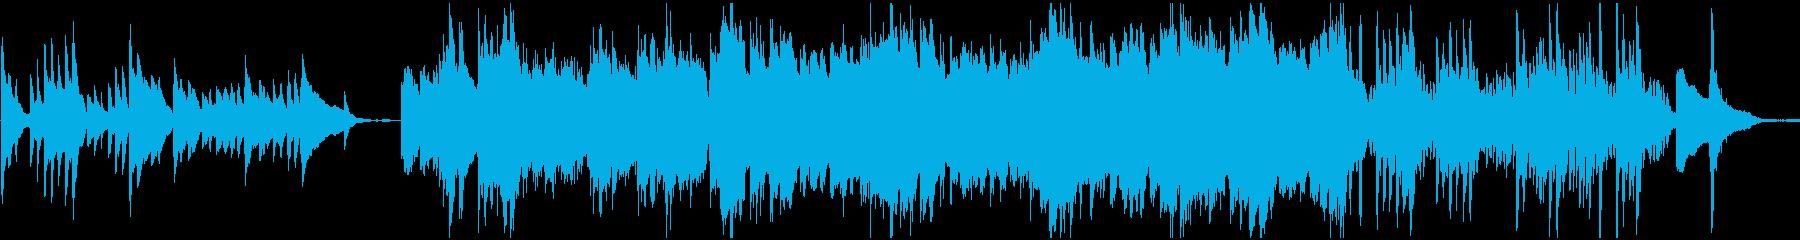 月/夜/ピアノソロ BGMの再生済みの波形